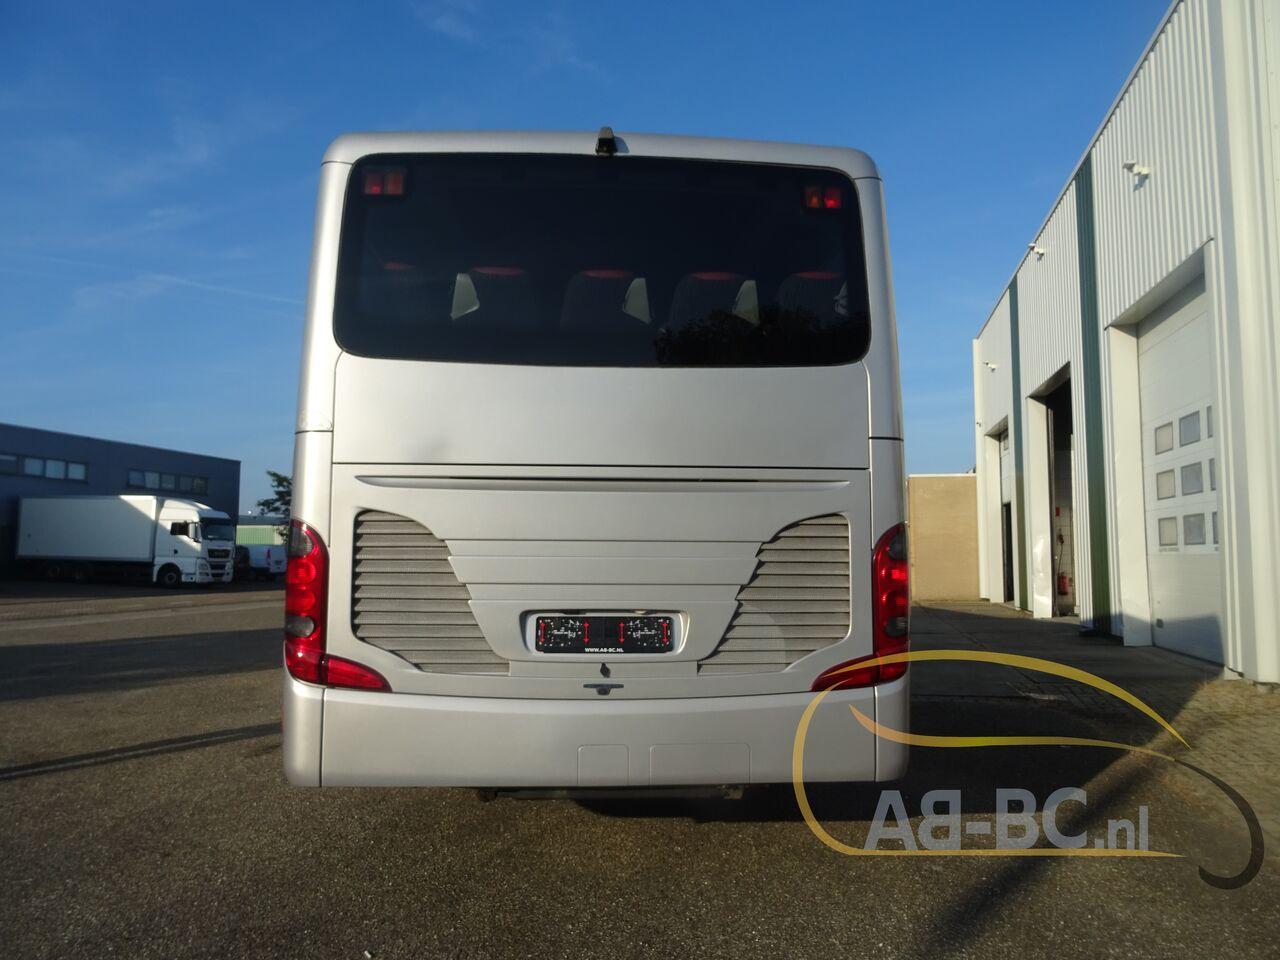 coach-bus-SETRA-S415H-52-Seats-EURO-6-Liftbus---1630913152007315222_big_3ce5daeea162e77575c371ad15bb9d00--21070517141280735500